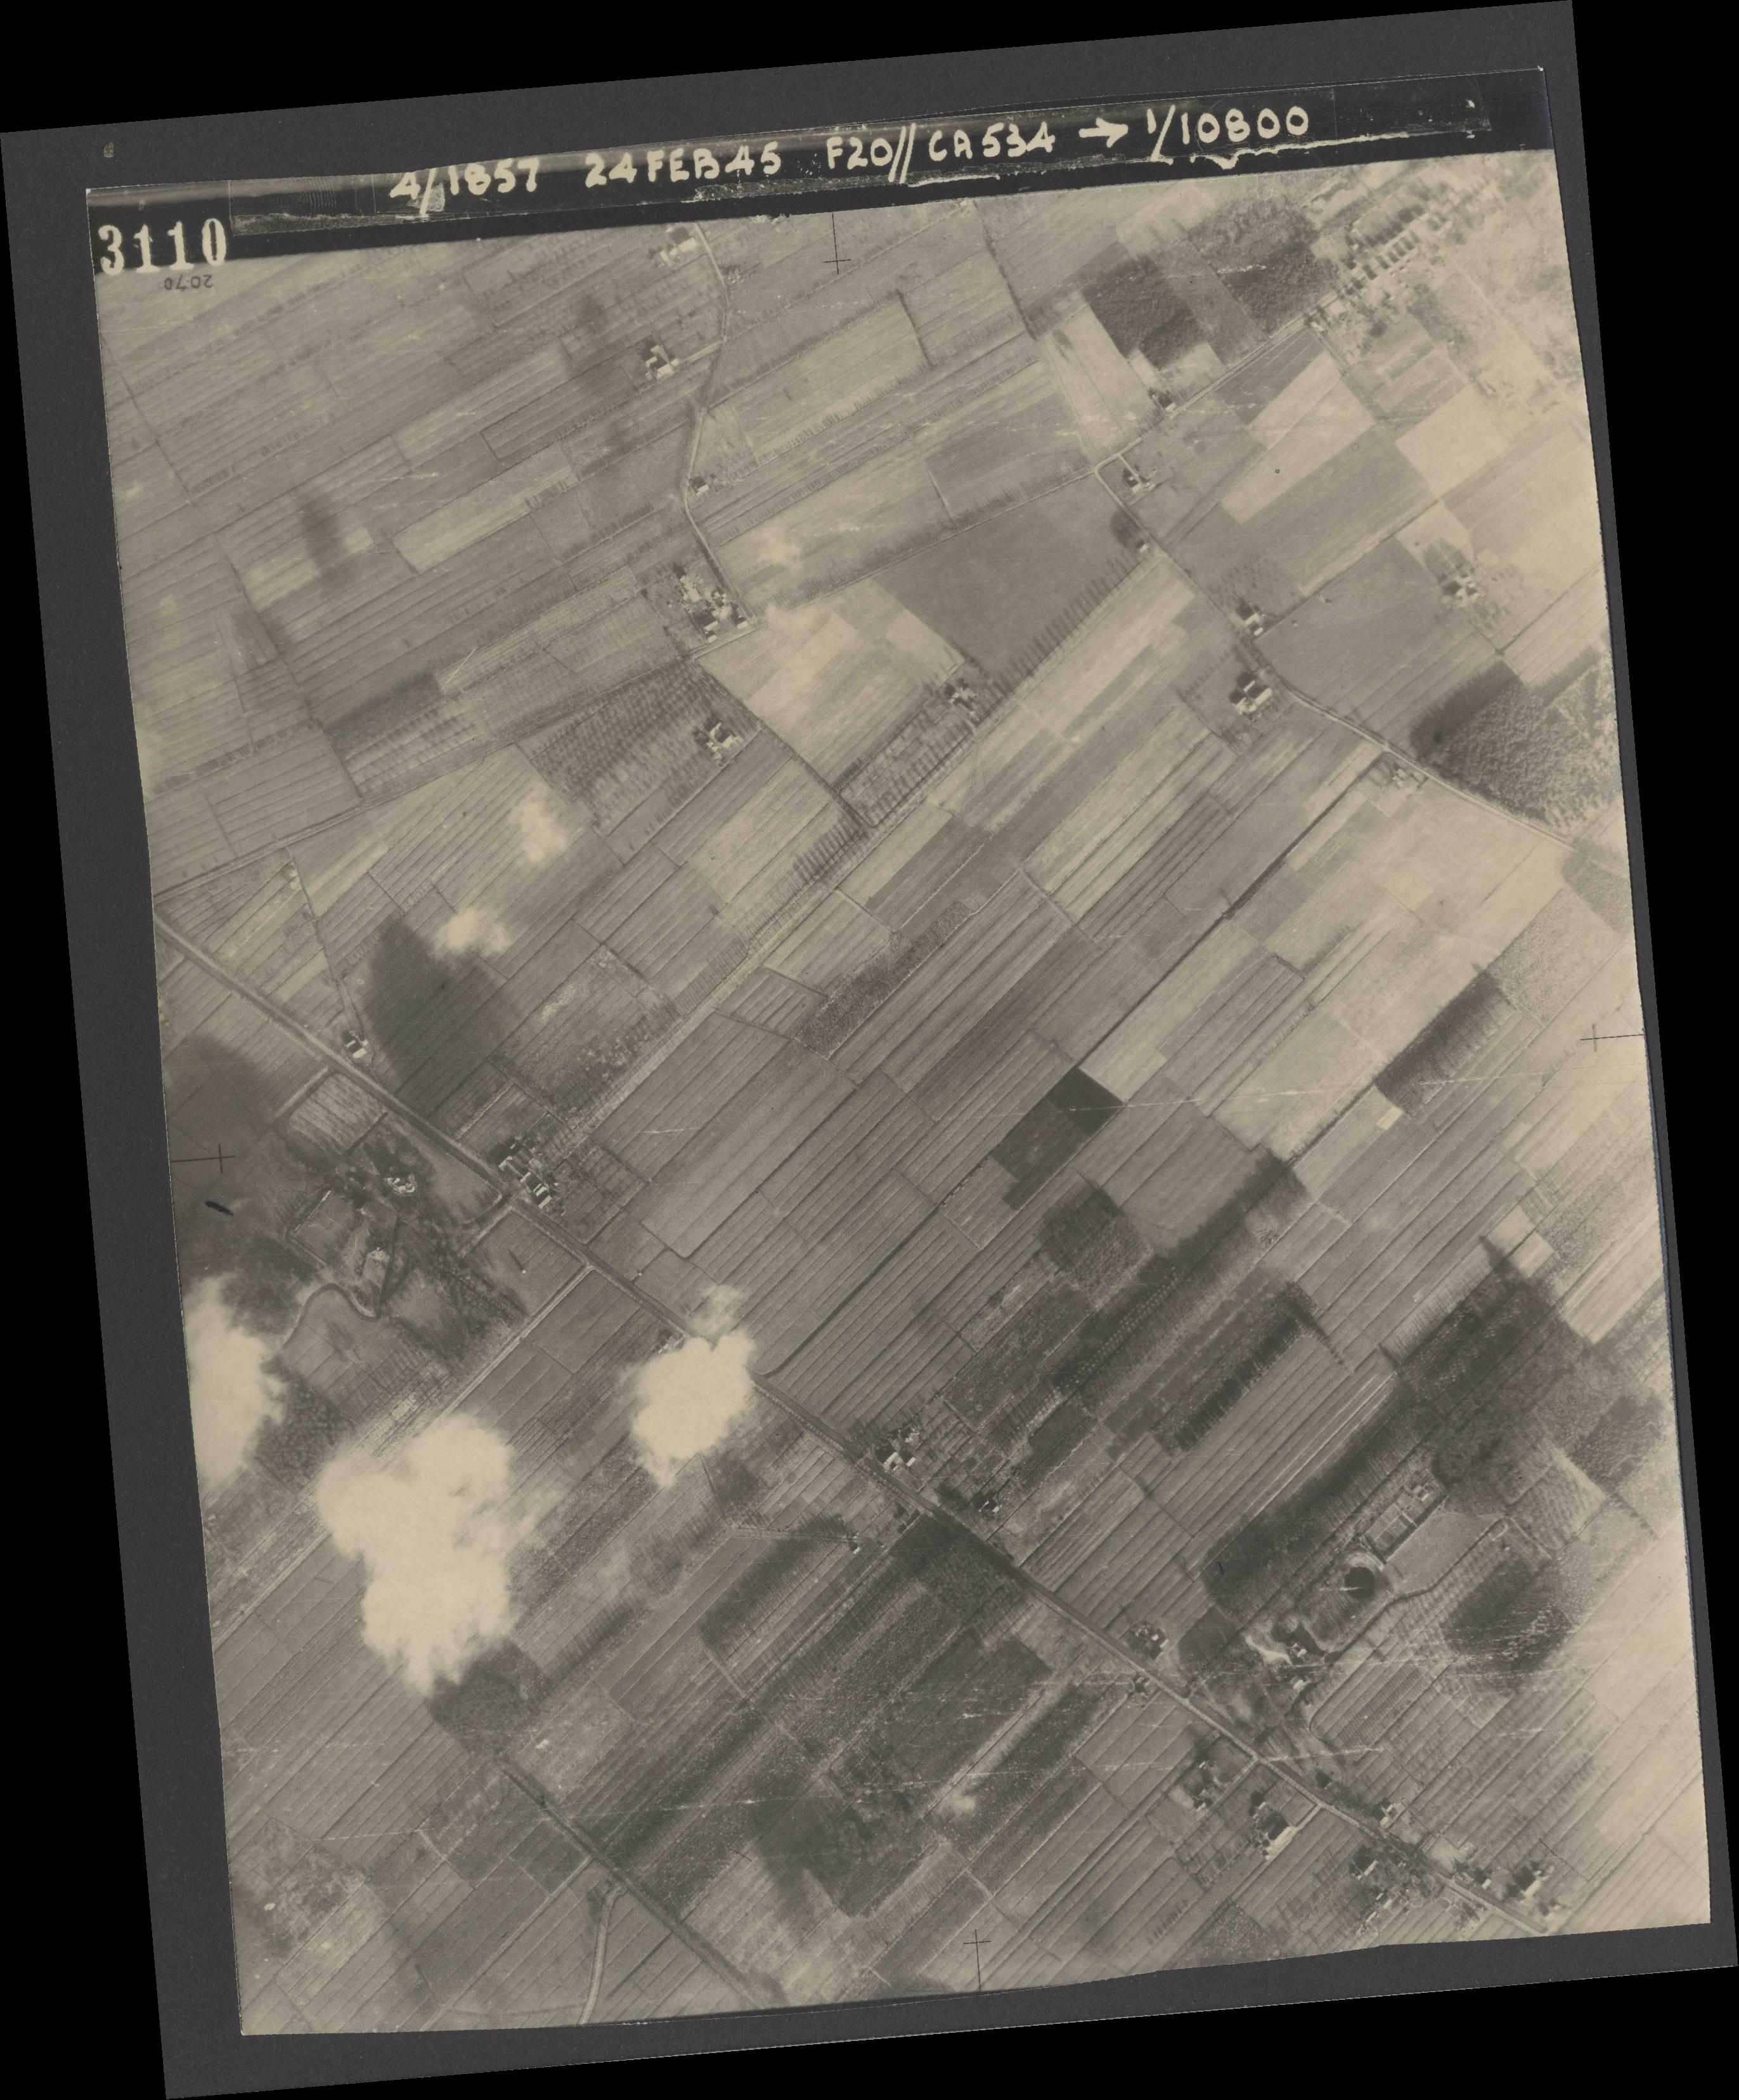 Collection RAF aerial photos 1940-1945 - flight 073, run 02, photo 3110